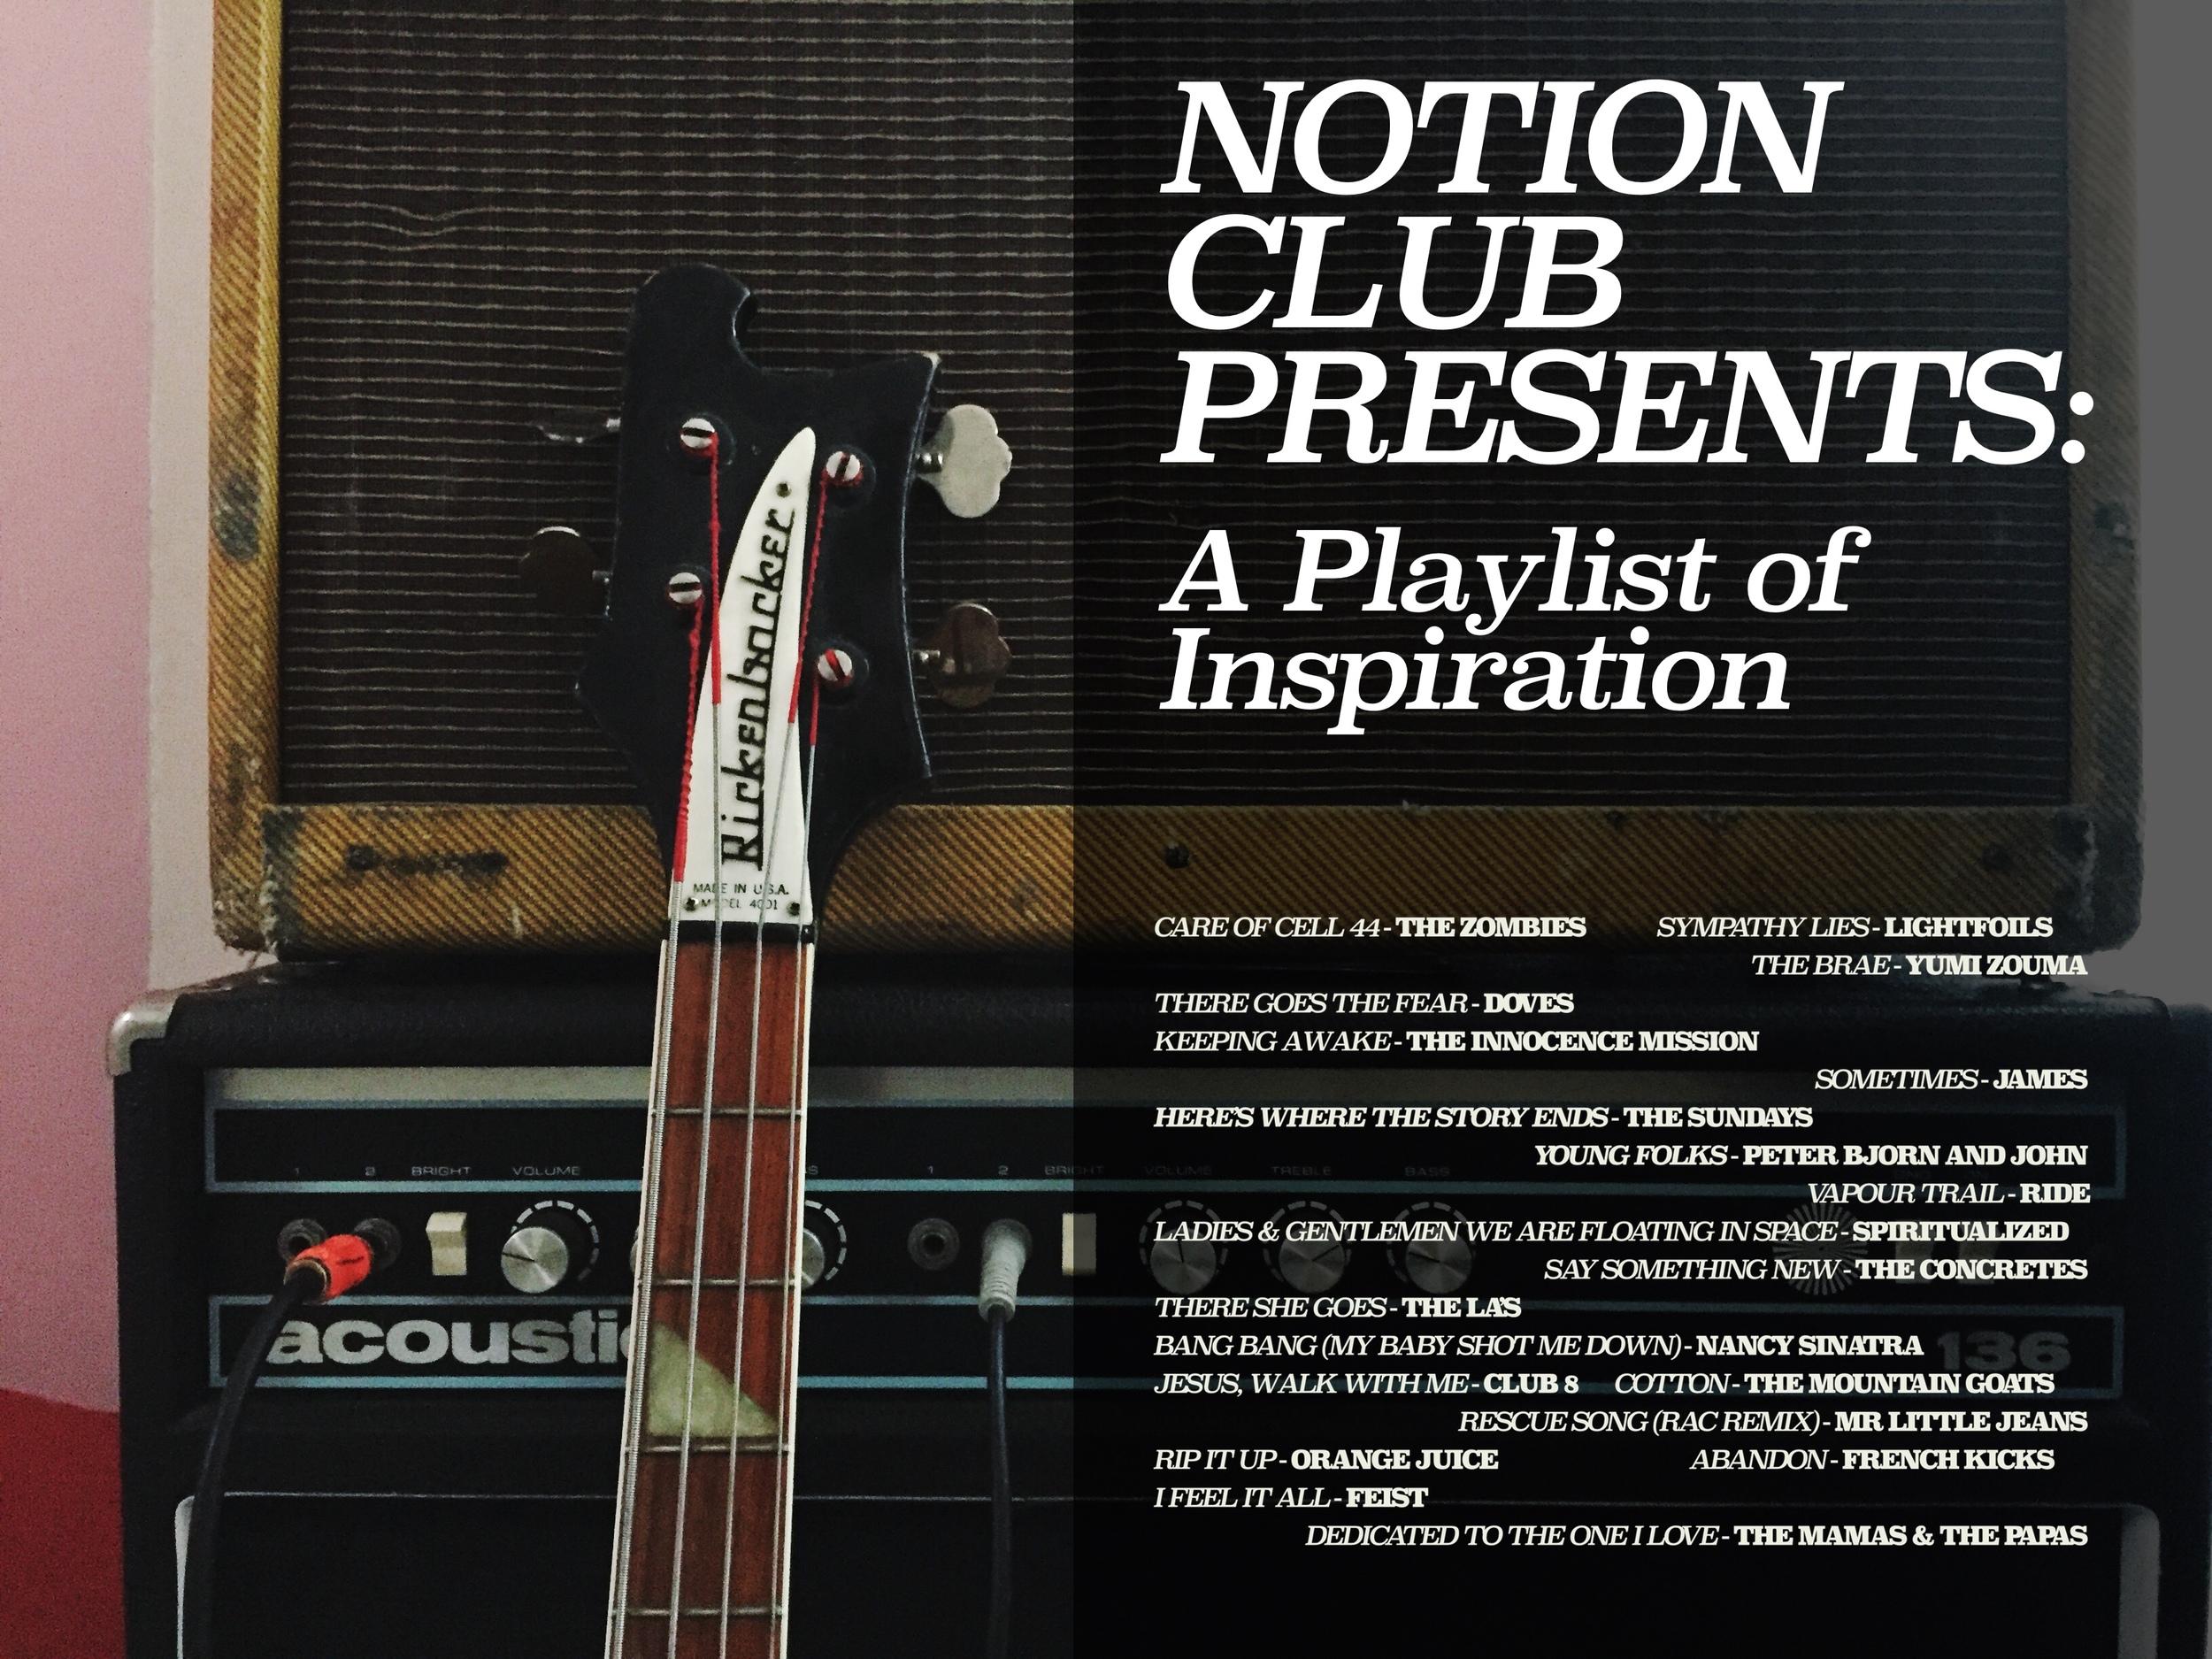 Notion Club Playlist.jpg